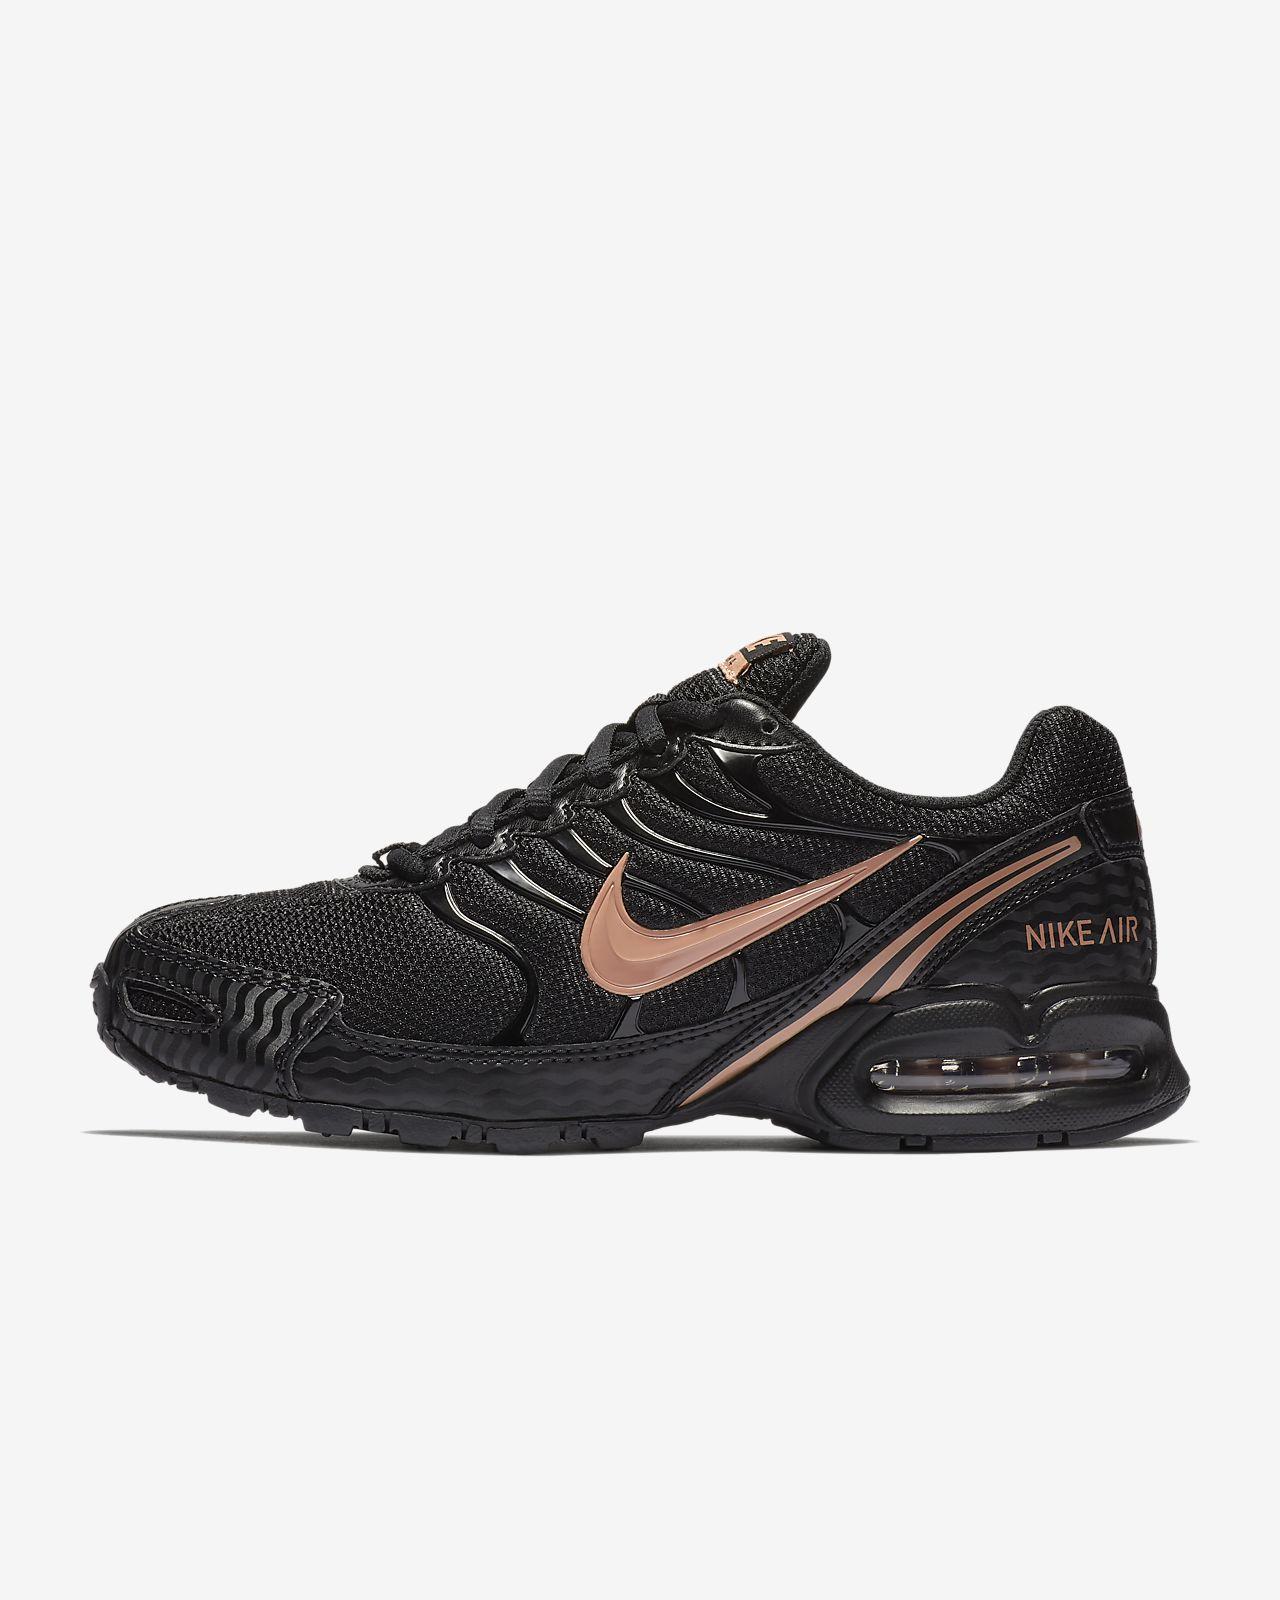 Nike Air Max Torch 4 Damen-Laufschuh